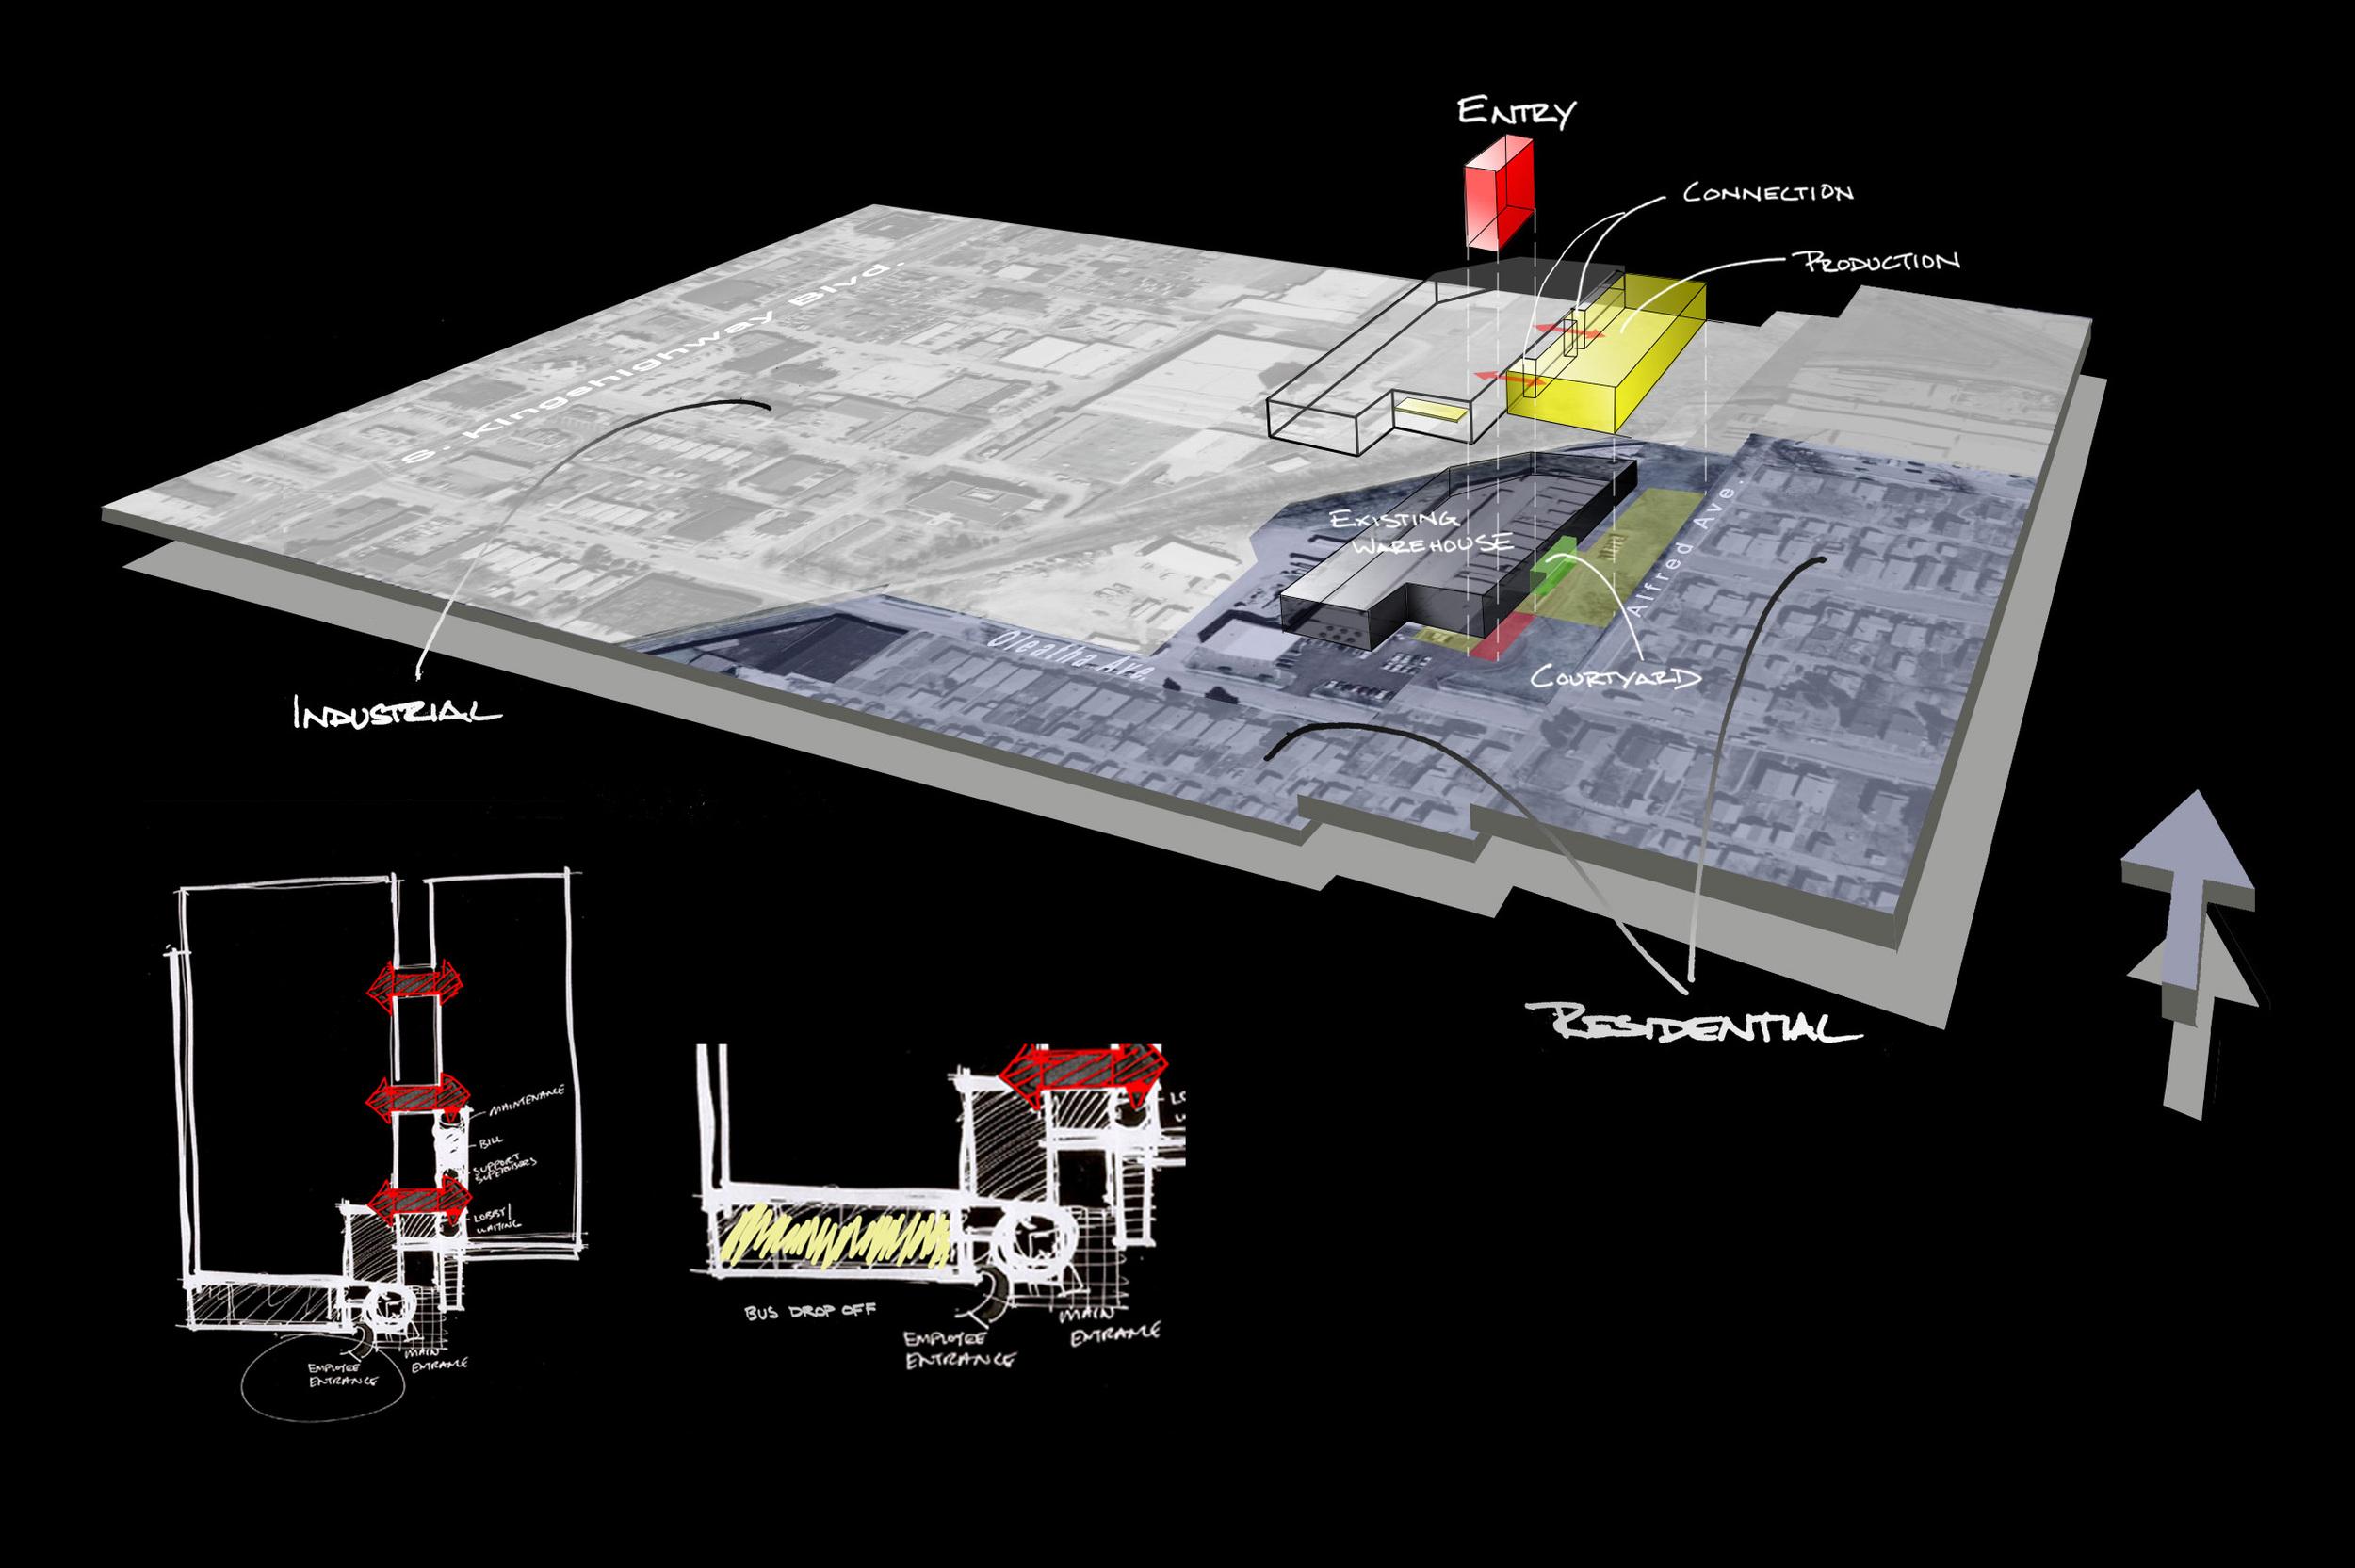 aia_ia 3d diagram (final).jpg